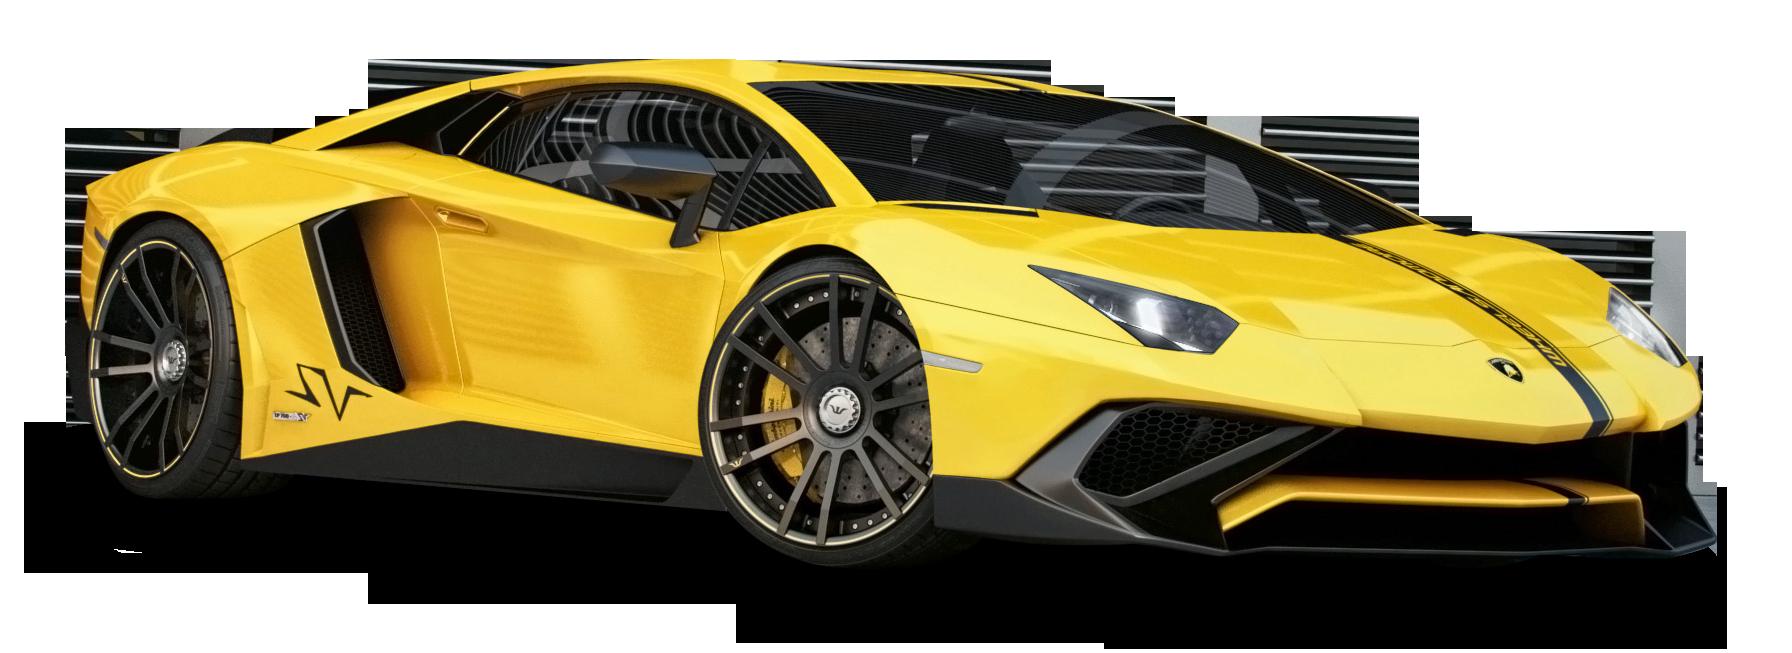 Lamborghini Aventador Yellow Car Png Image Purepng Free